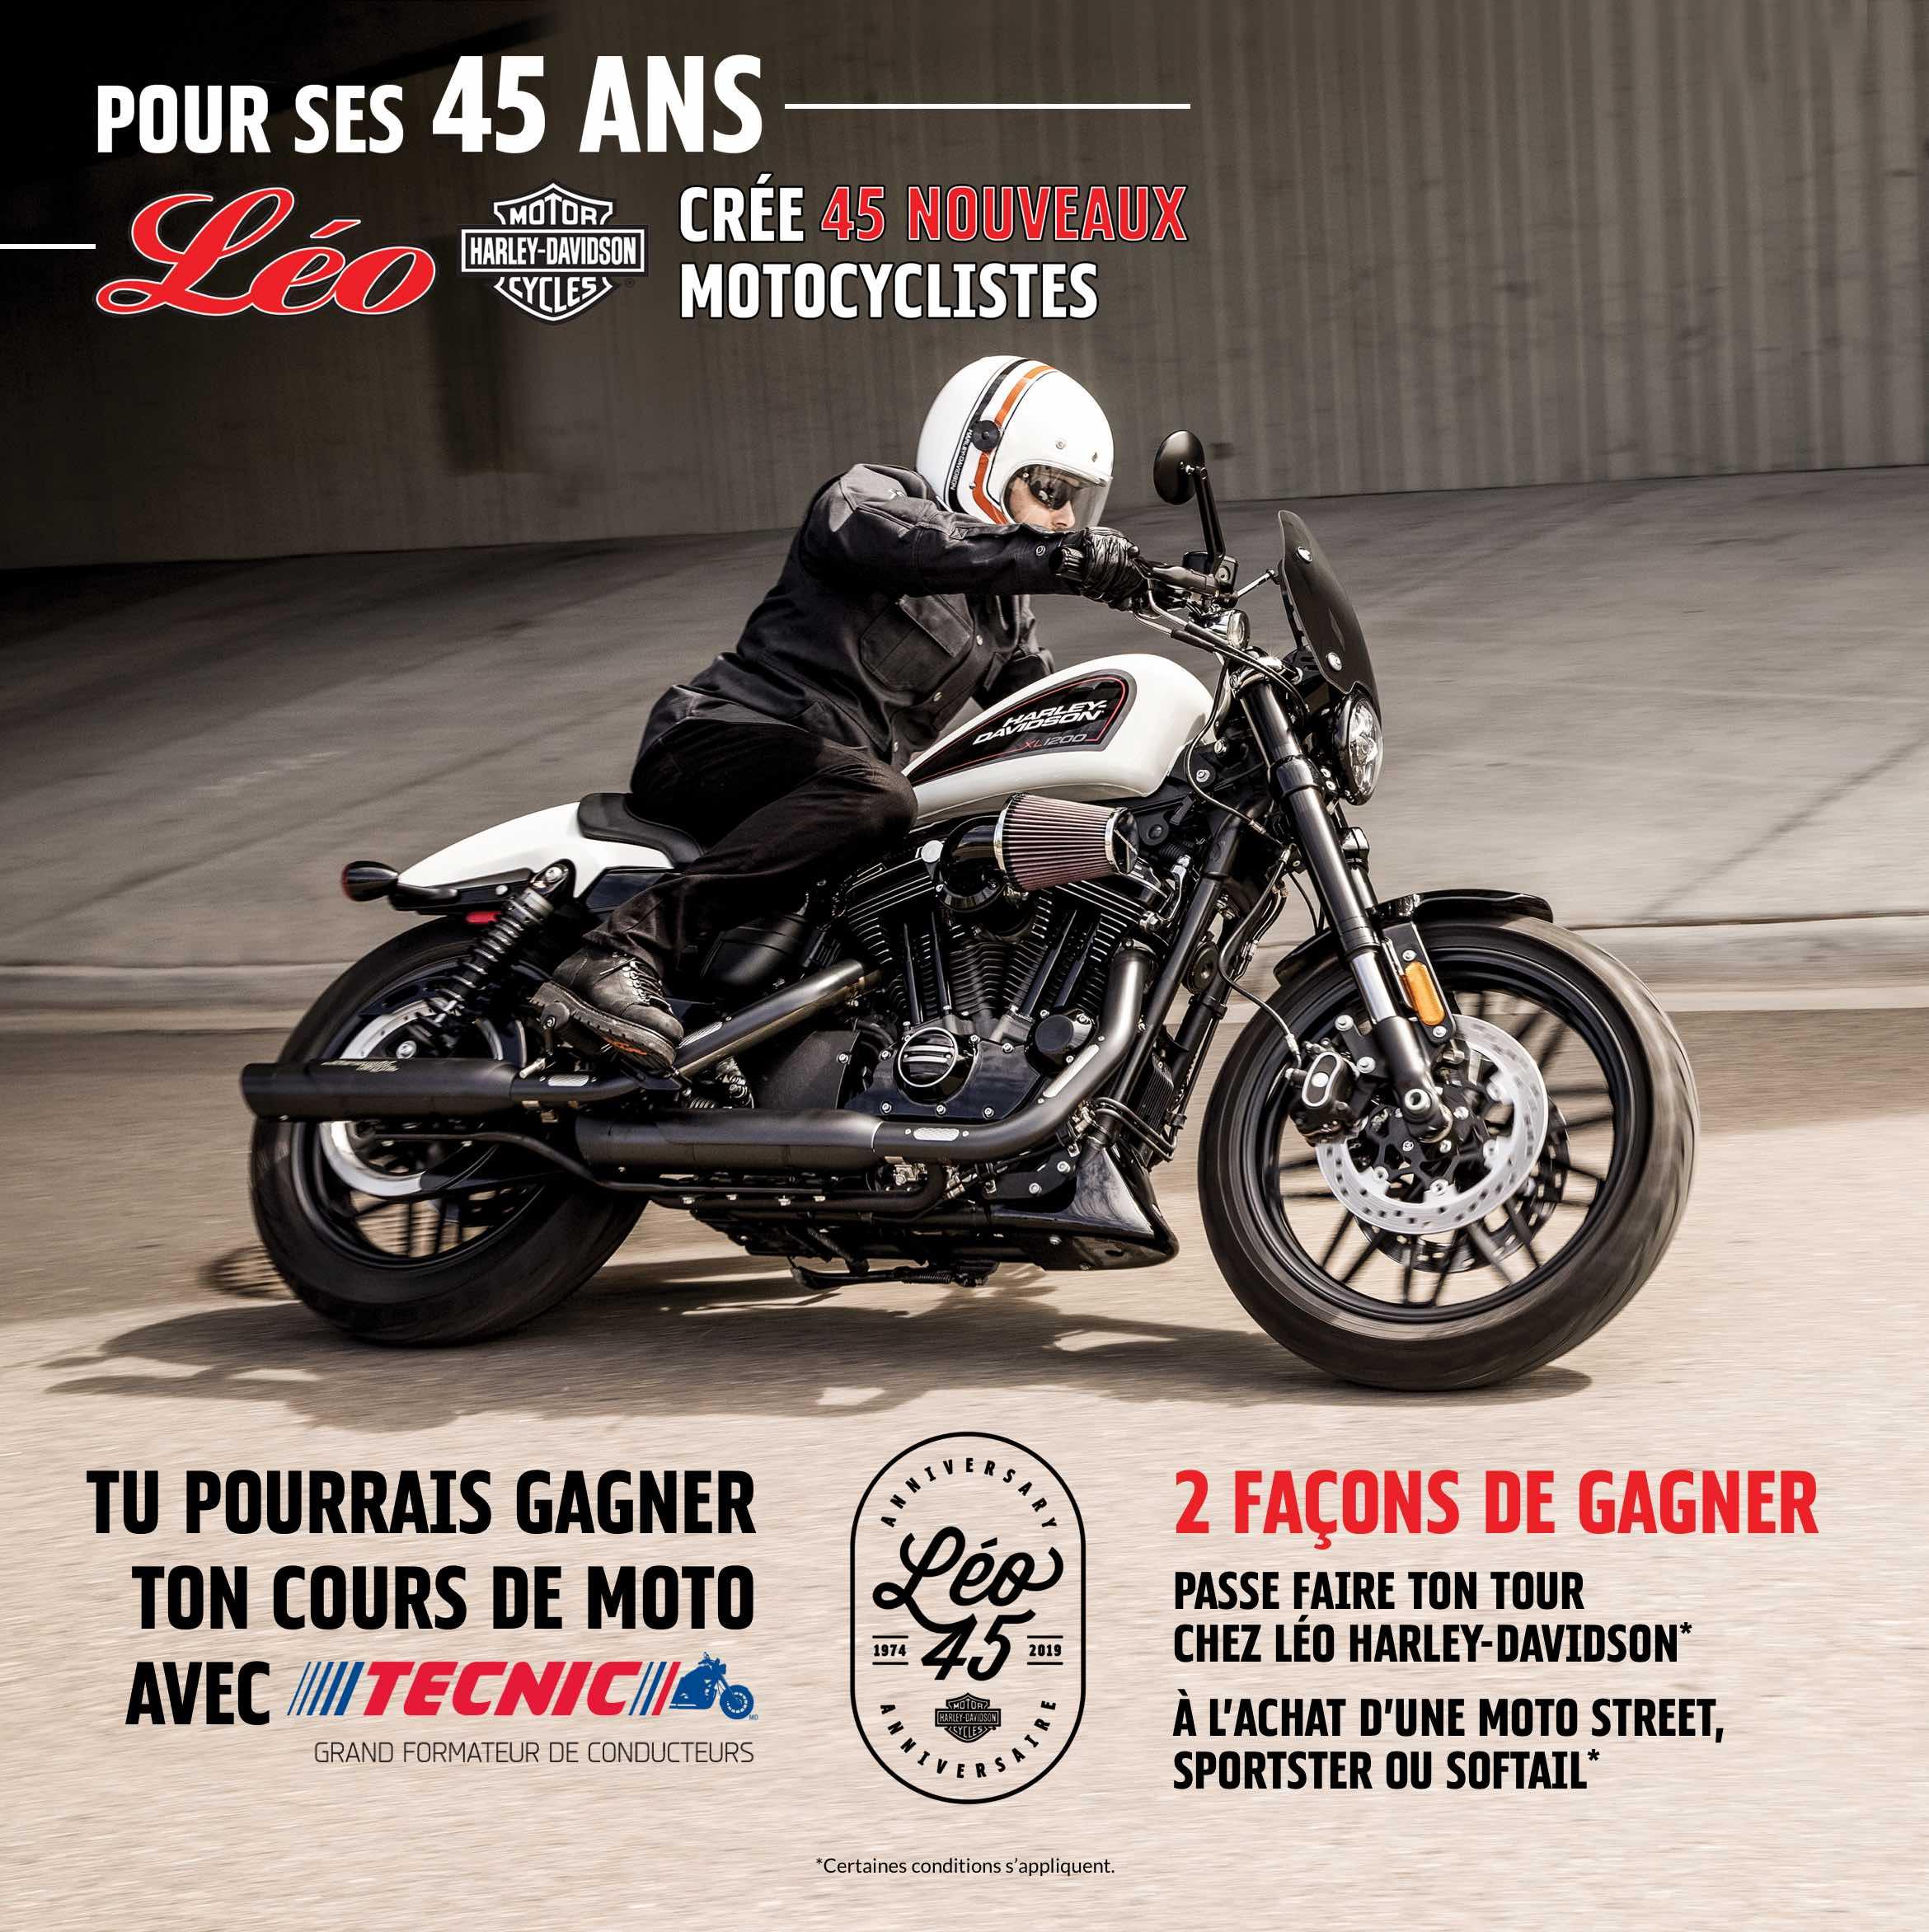 Affiche du 45e anniversaire de Léo Harley-Davidson